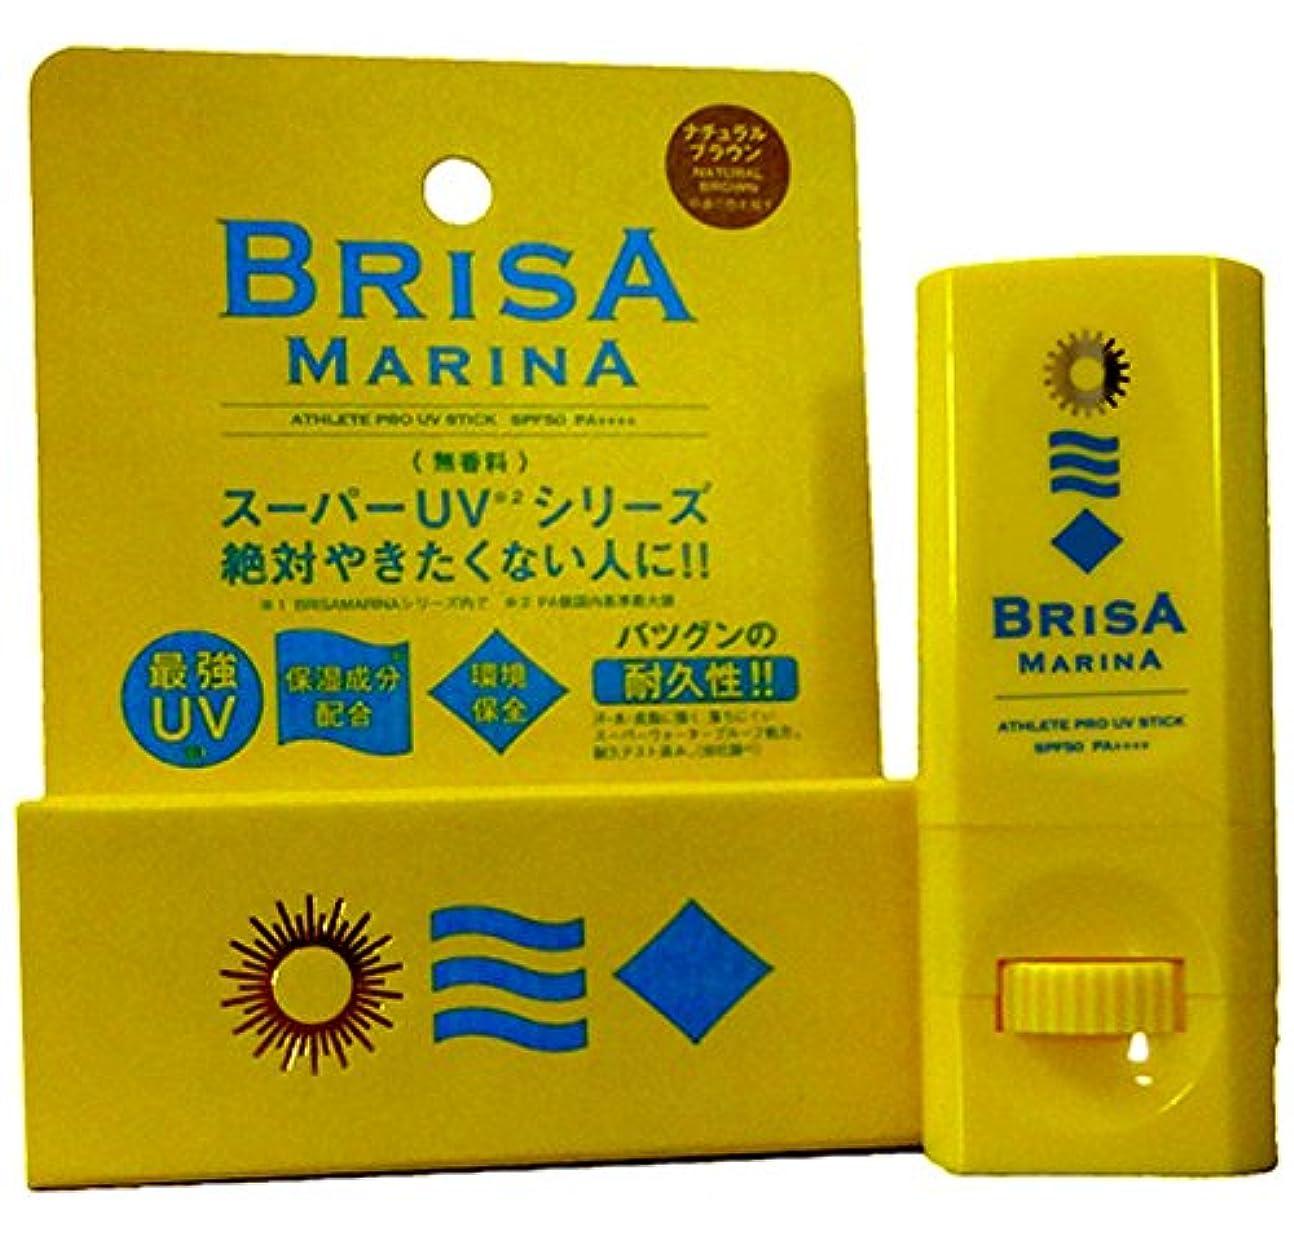 航海印象的なスズメバチBRISA MARINA(ブリサマリーナ) ATHLETE PRO UV STICK 10g 日焼け止め スティック (01-WHITE)